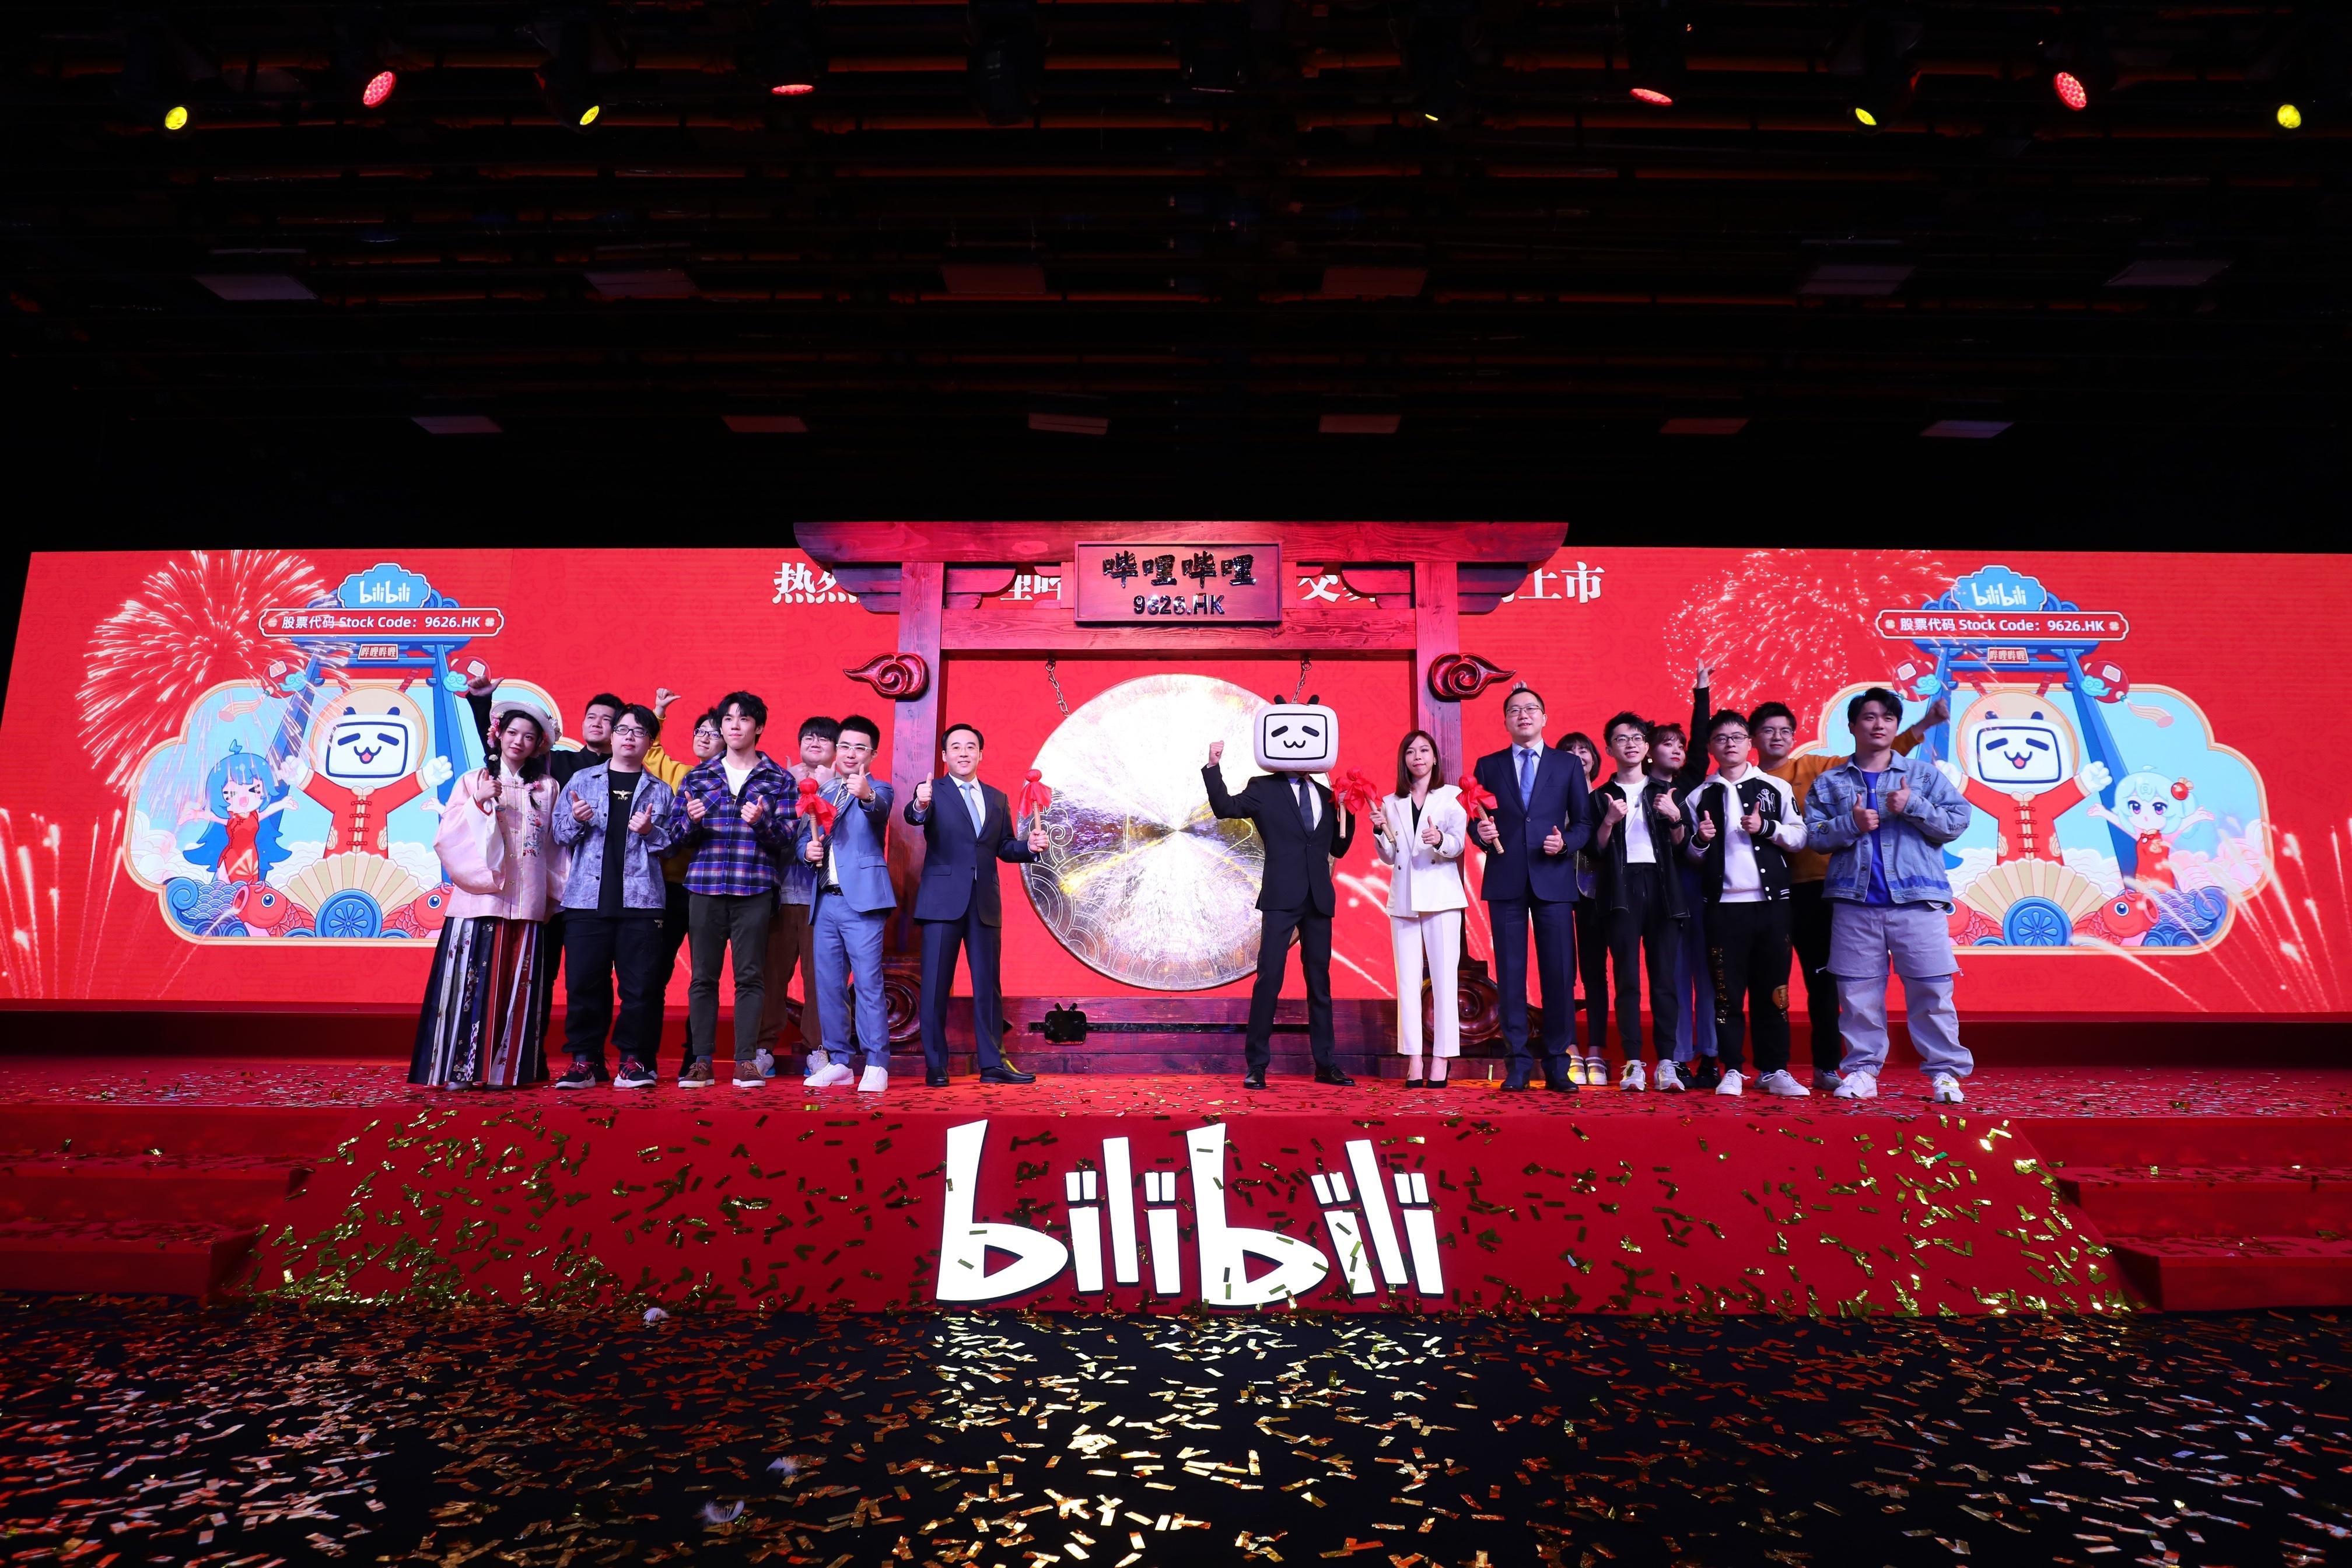 http://www.weixinrensheng.com/caijingmi/2829429.html